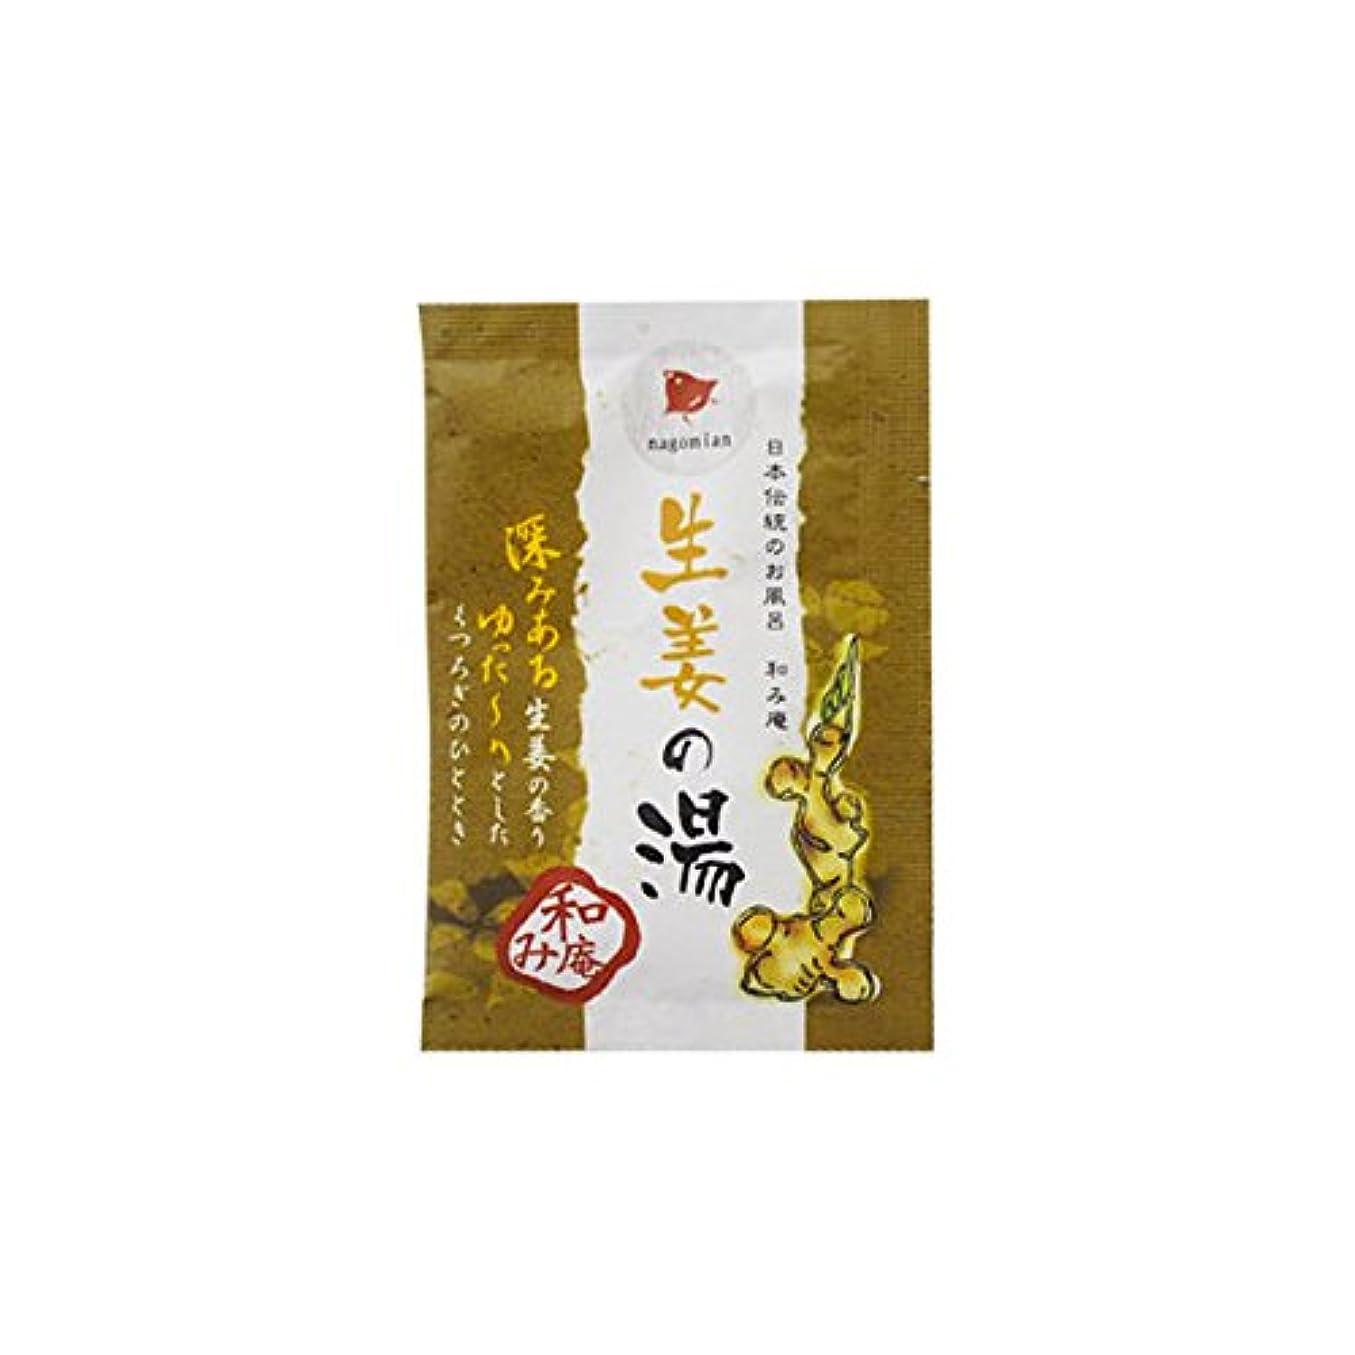 あざおしゃれな開業医和み庵 入浴剤 「生姜の湯」30個